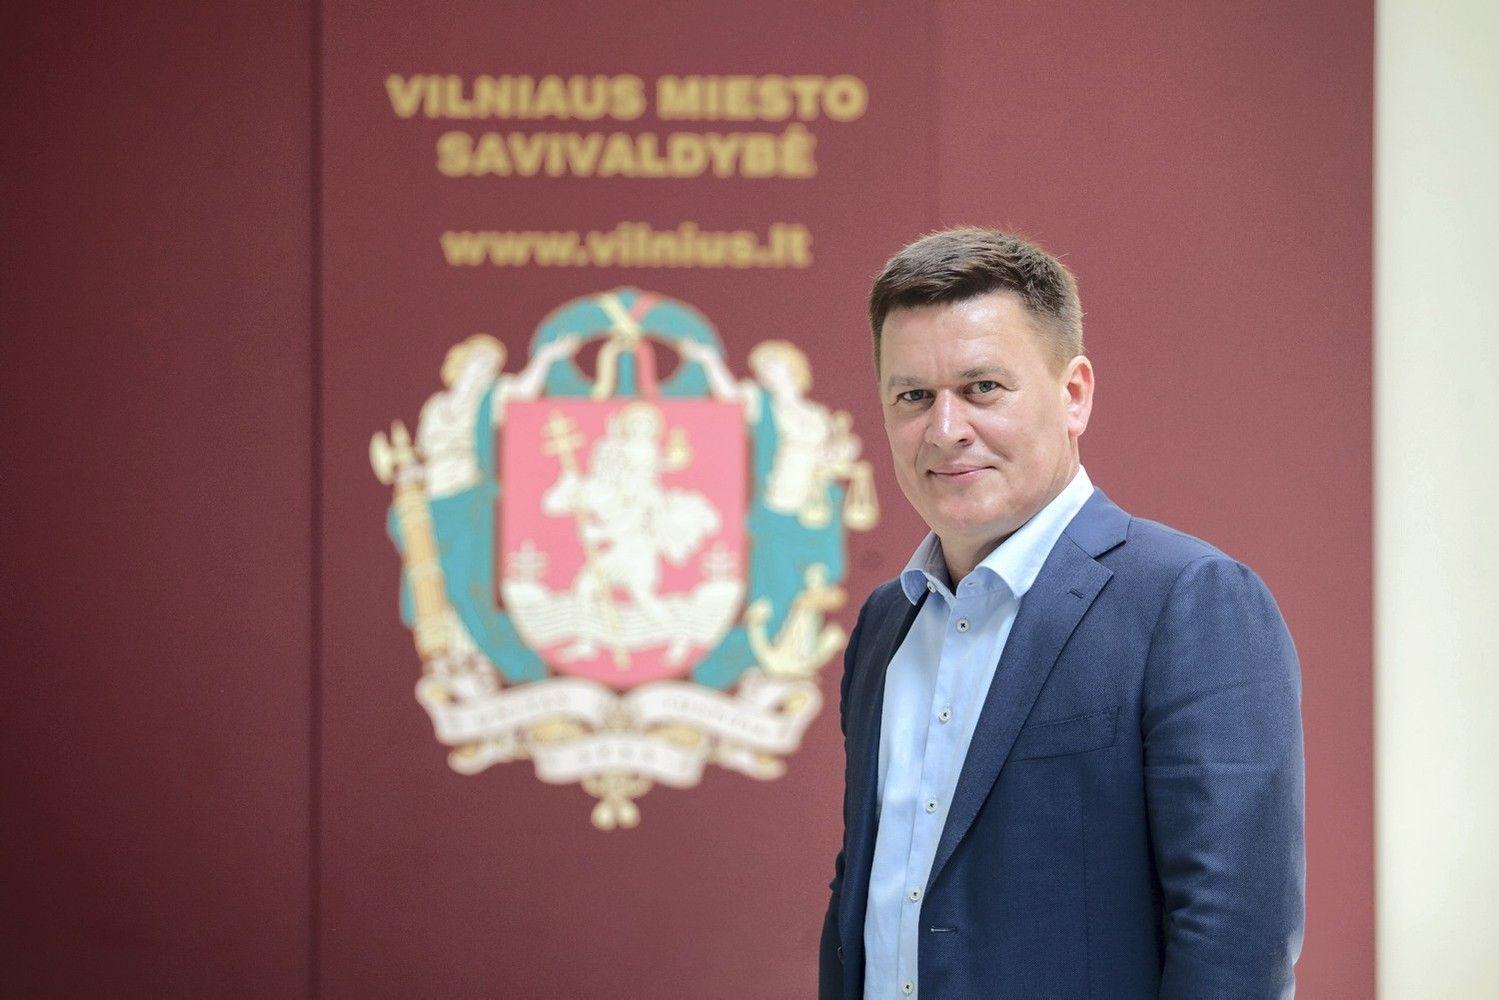 """Vilniaus savivaldybės įmonė """"Grinda"""" padvigubino pelną, išmokės pusę milijono eurų dividendų"""